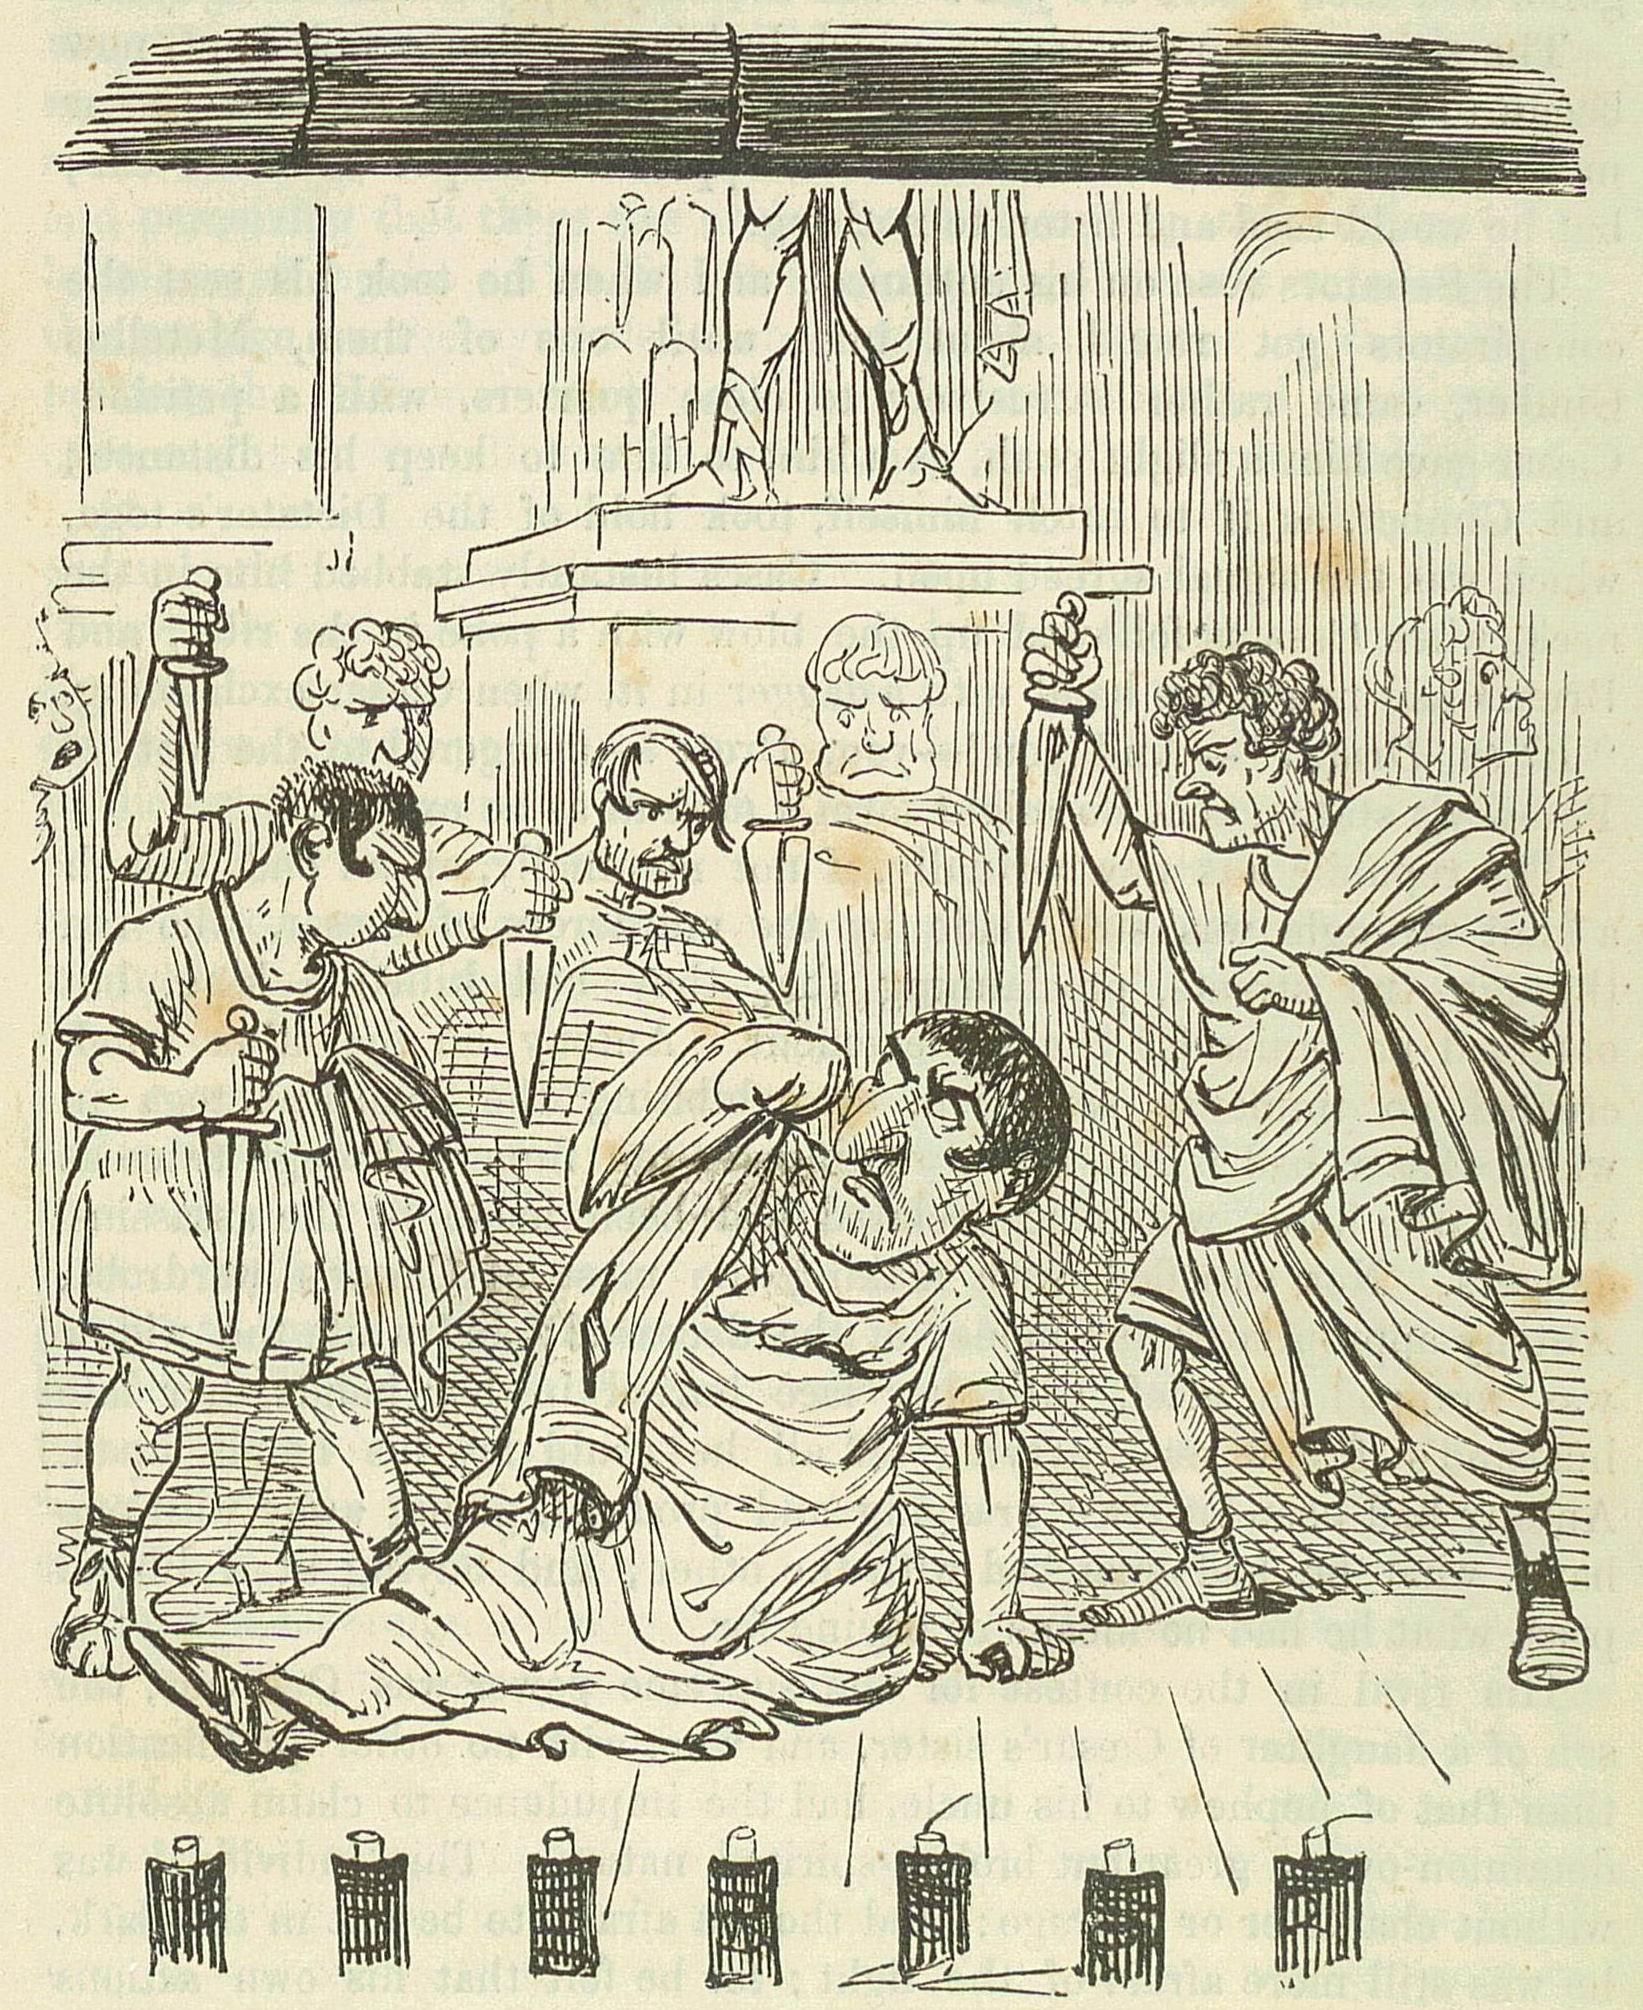 Caesar getting stabbed